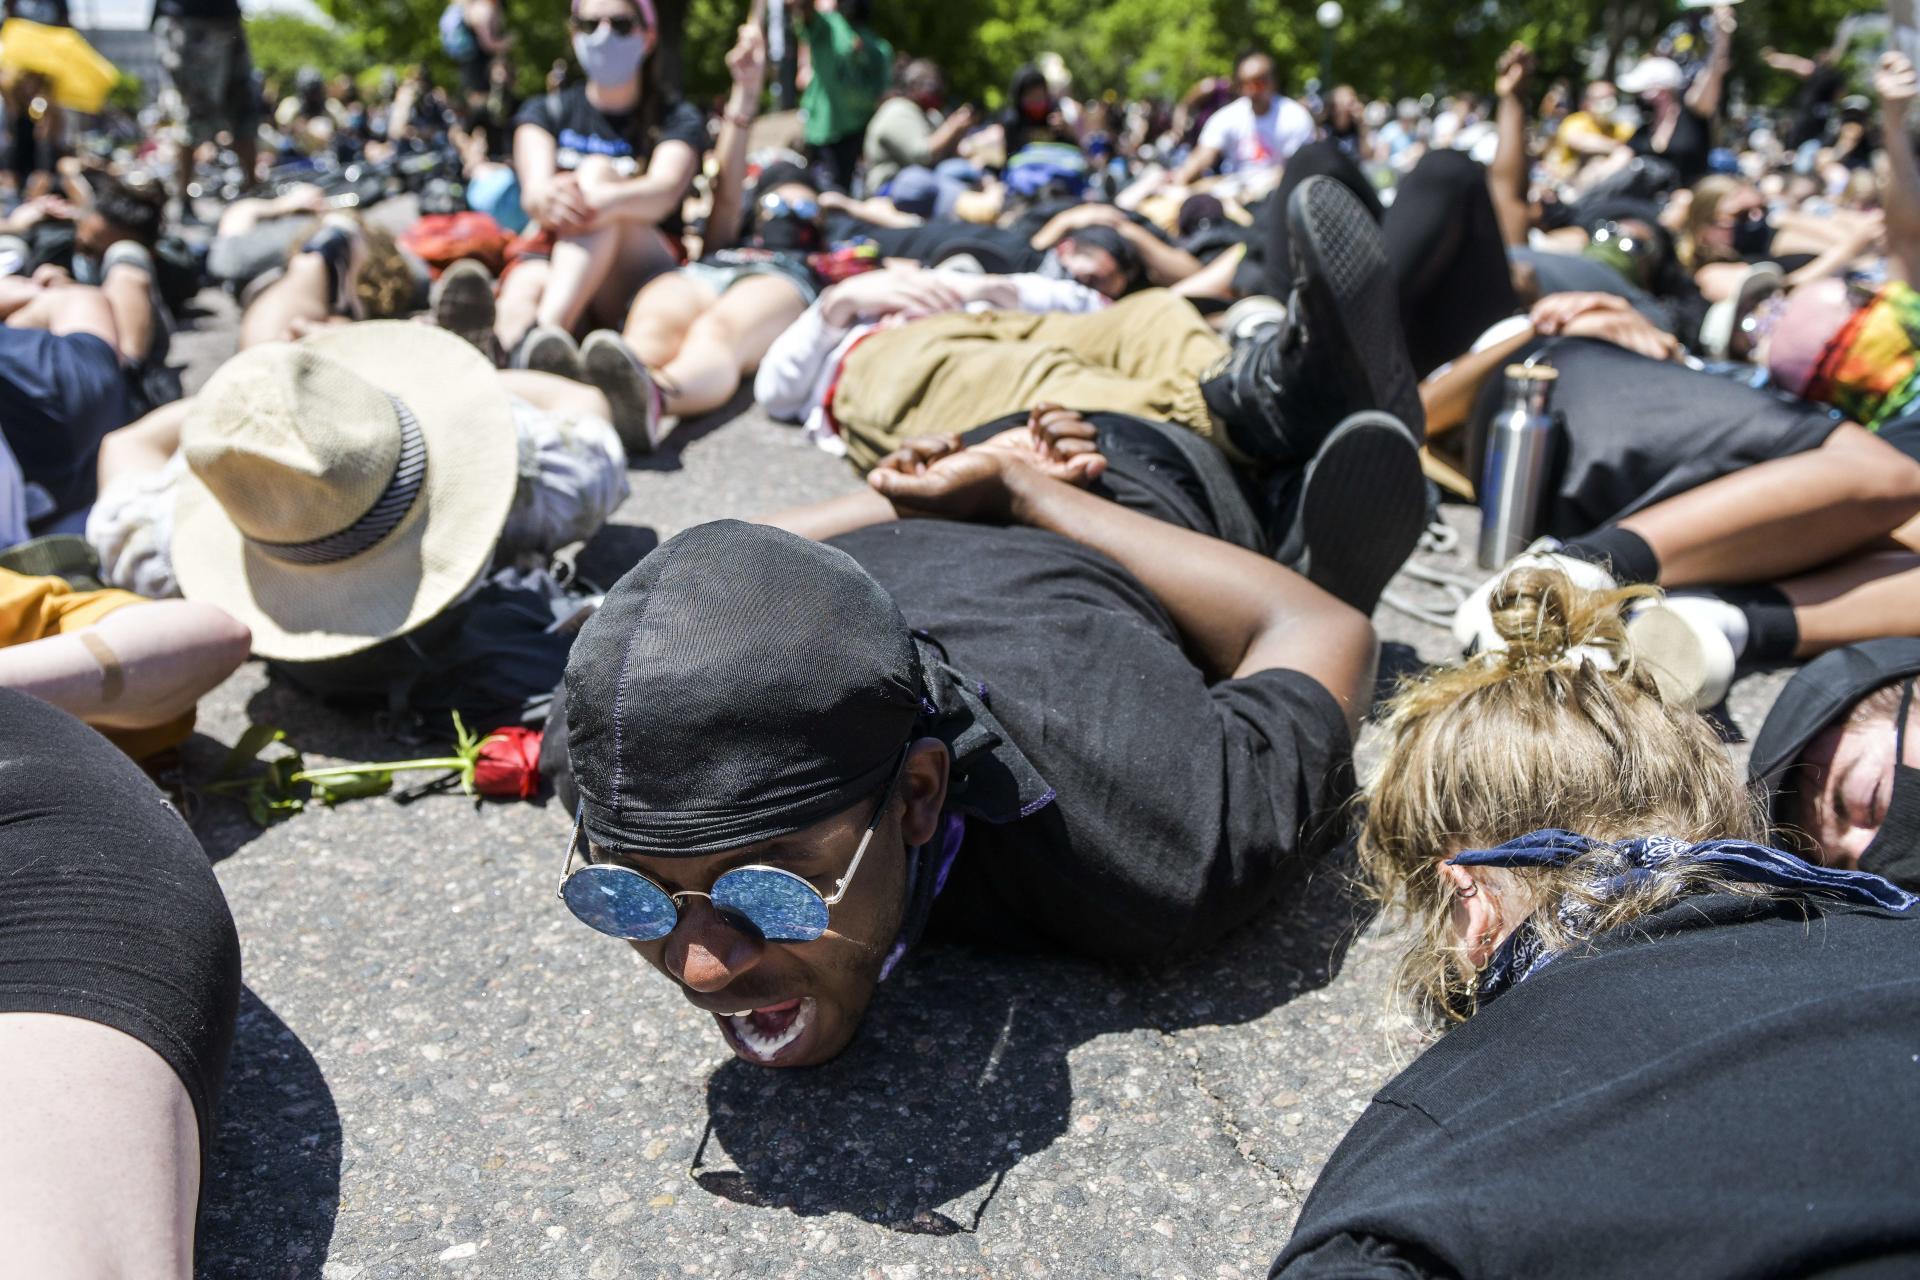 Un manifestant, entouré de milliers d'autres personnes, à côté du Colorado State Capitol, à Denver, le 30 mai 2020, crie«Je ne peux pas respirer», comme l'avait dit George Floyd au policier lors de son arrestation.